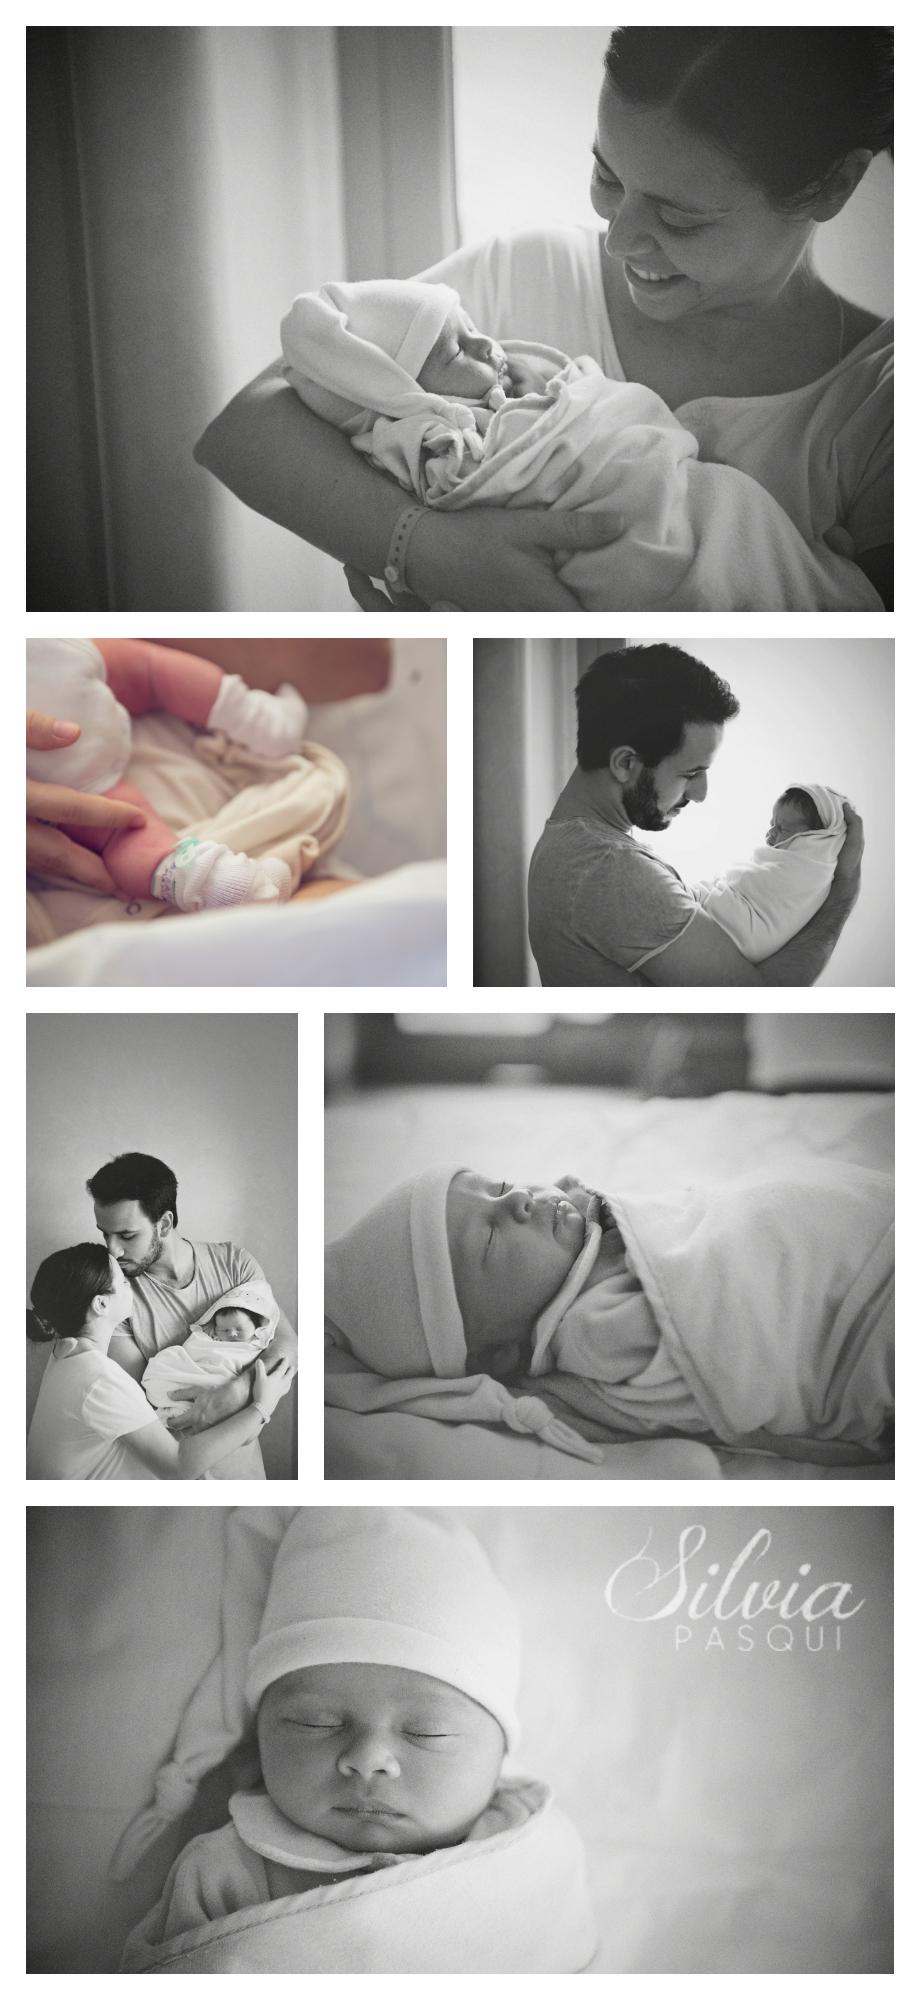 fotografie neonati in ospedale prime ore di vita